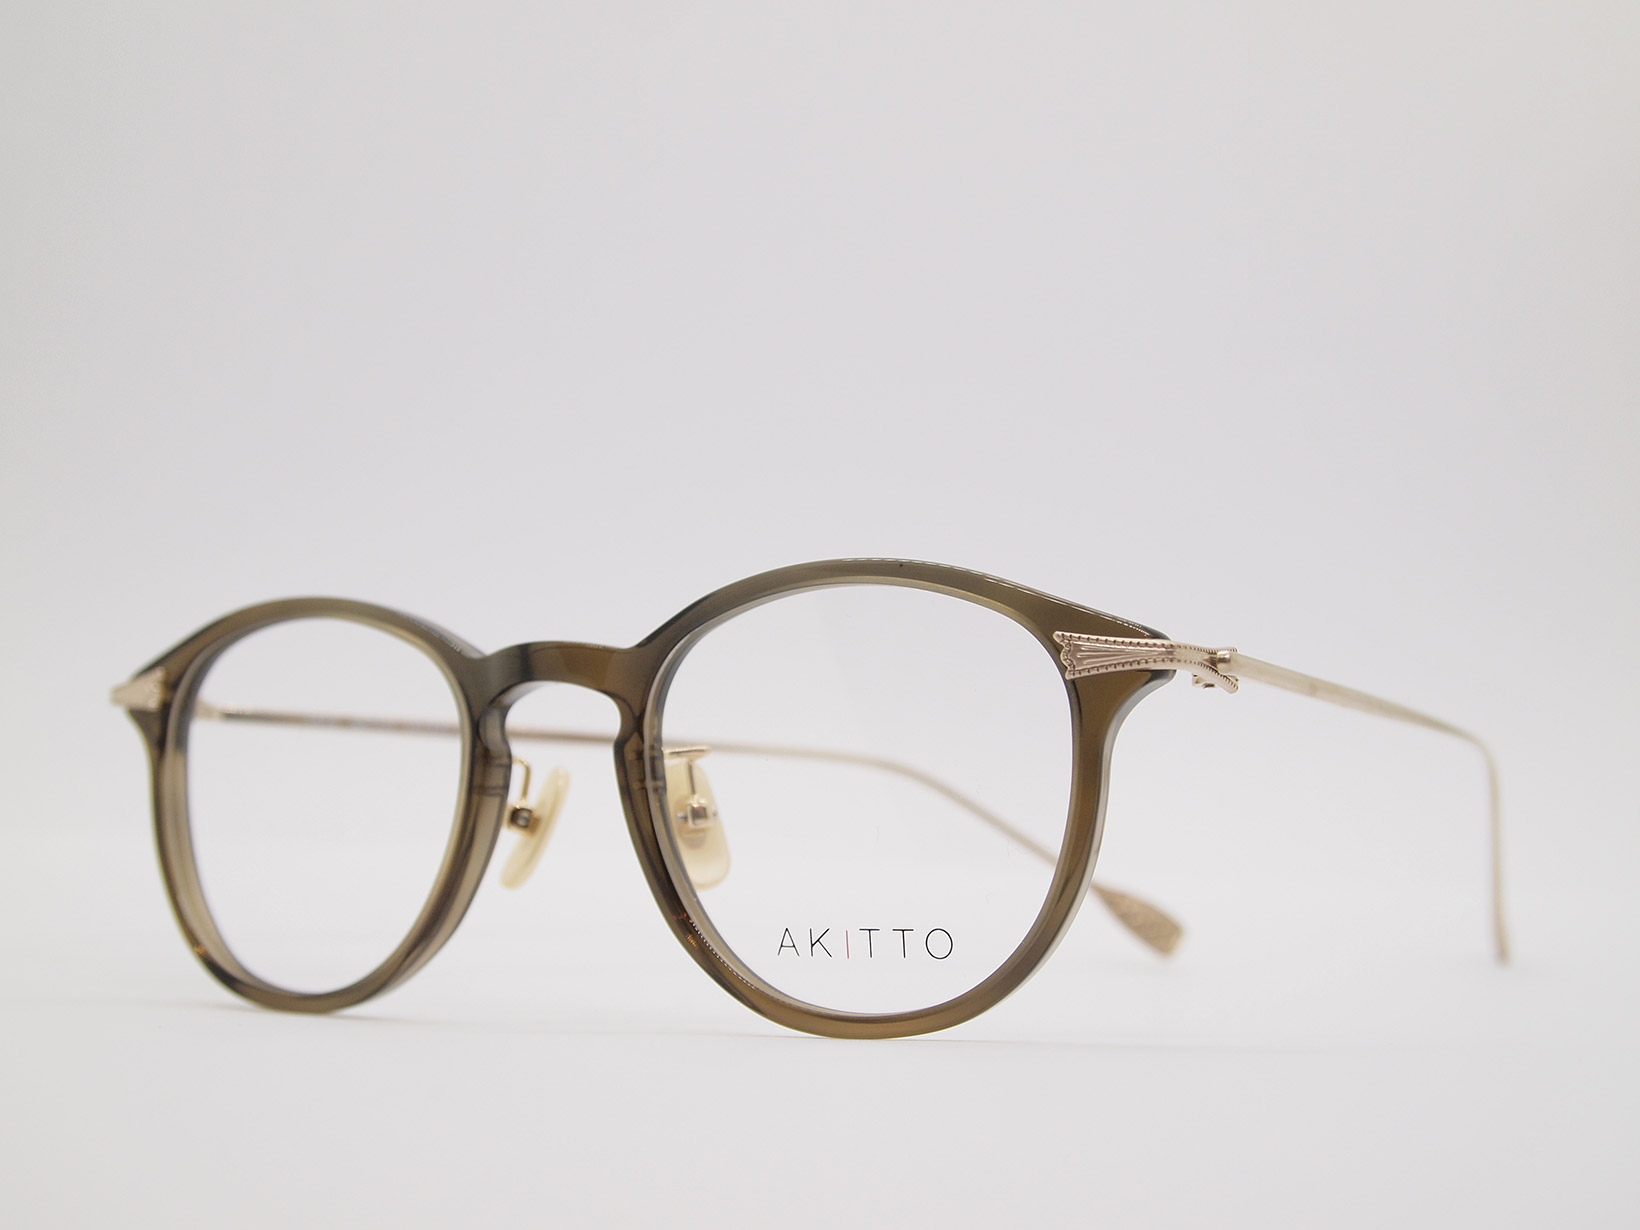 AKITTO 2021-4th tas3 color|KH size:45□22 material:acetate+titanium price:¥46,200-(税込み)